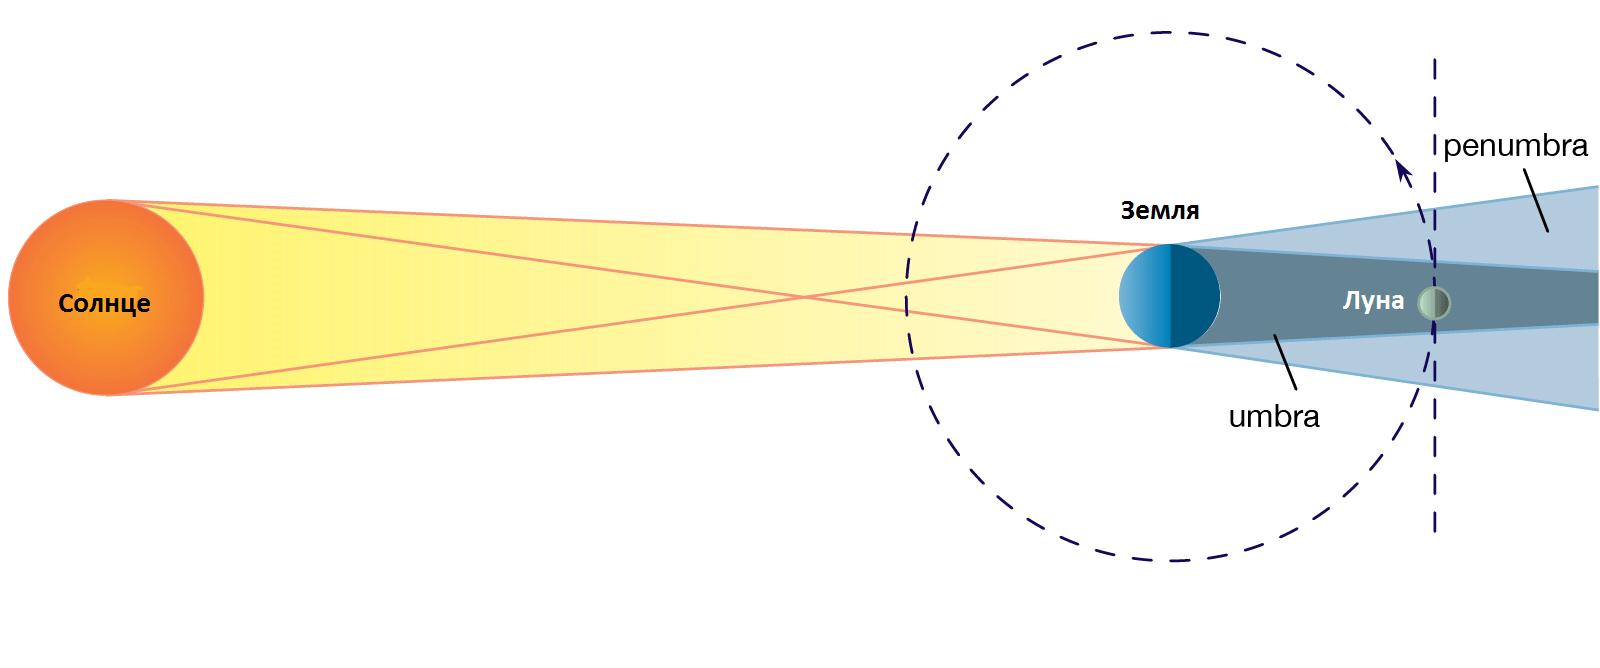 lunnoe zatmenie - Учимся читать инфографику затмений НАСА на примере лунного затмения 26 мая 2021 года